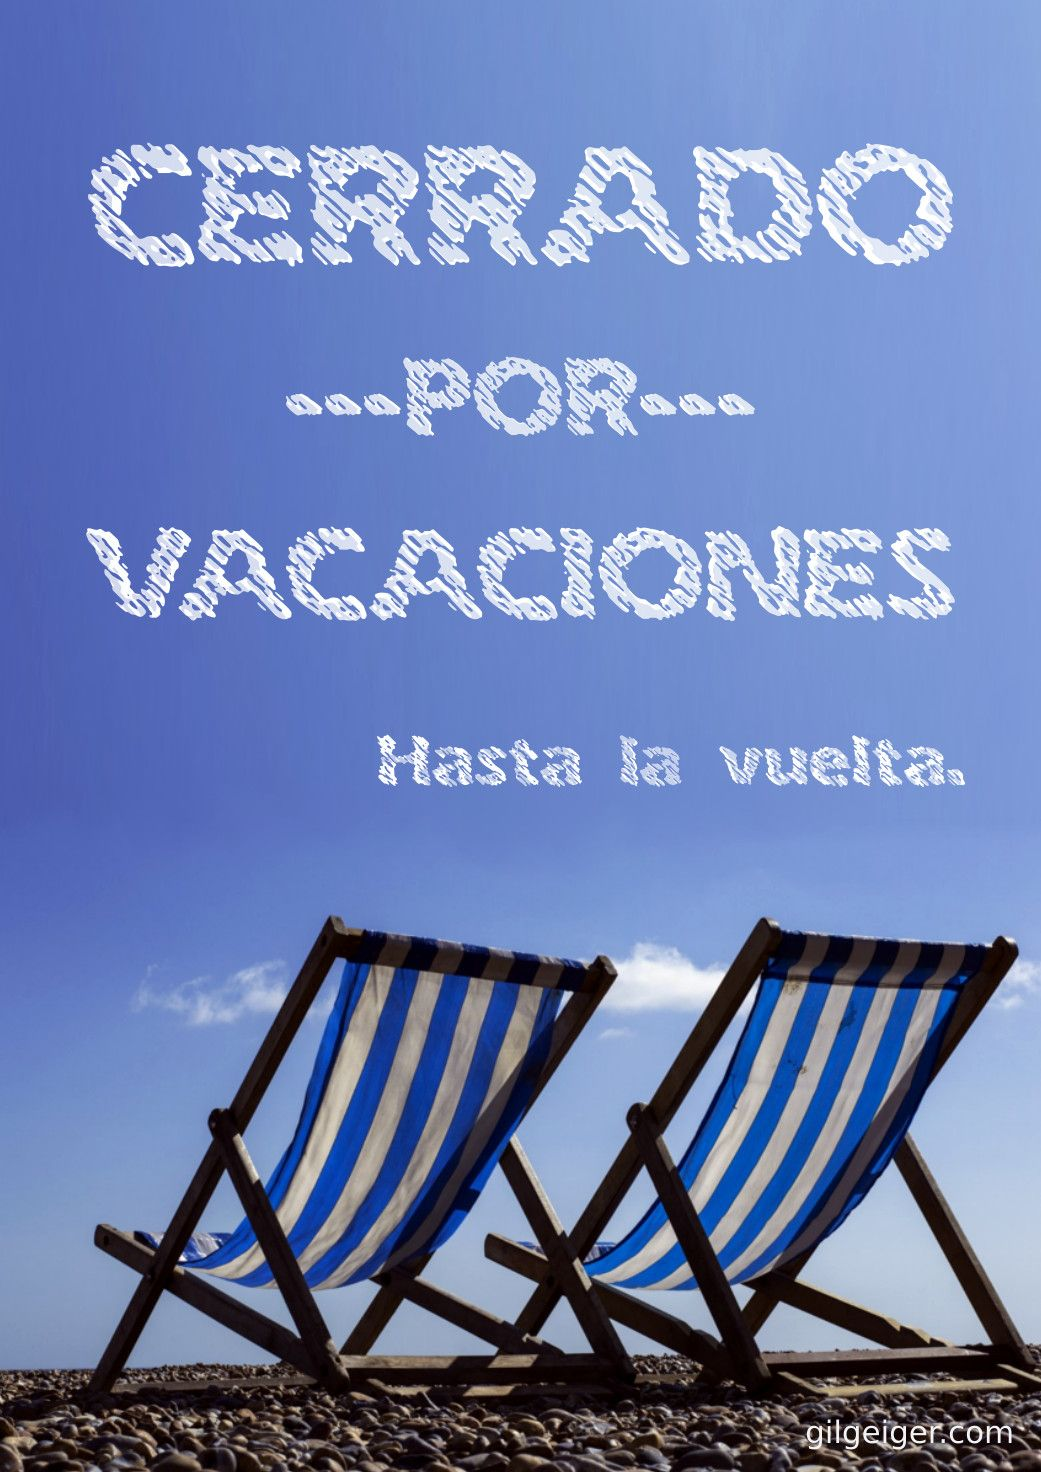 Cartel cerrado por vacaciones cartel cerrado por vacaciones cartel cerrado por vacaciones thecheapjerseys Image collections